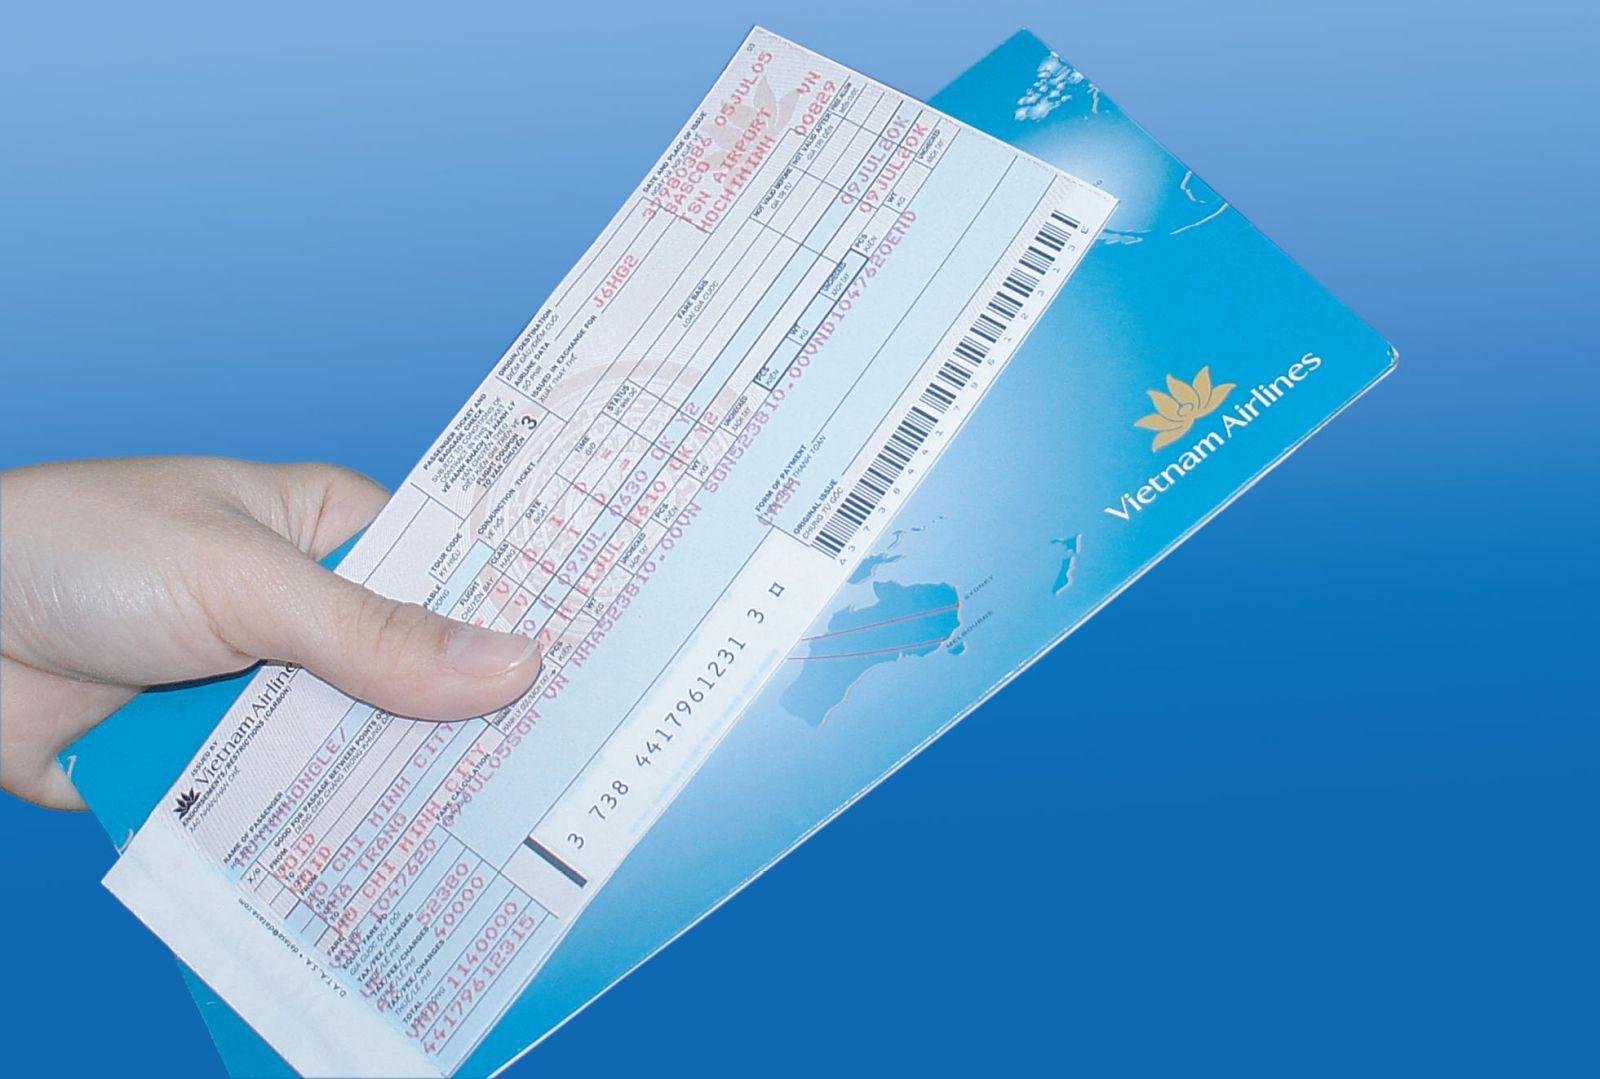 Vé máy bay tết giá rẻ từ Tp.HCM đi Hà Nội đã bán?